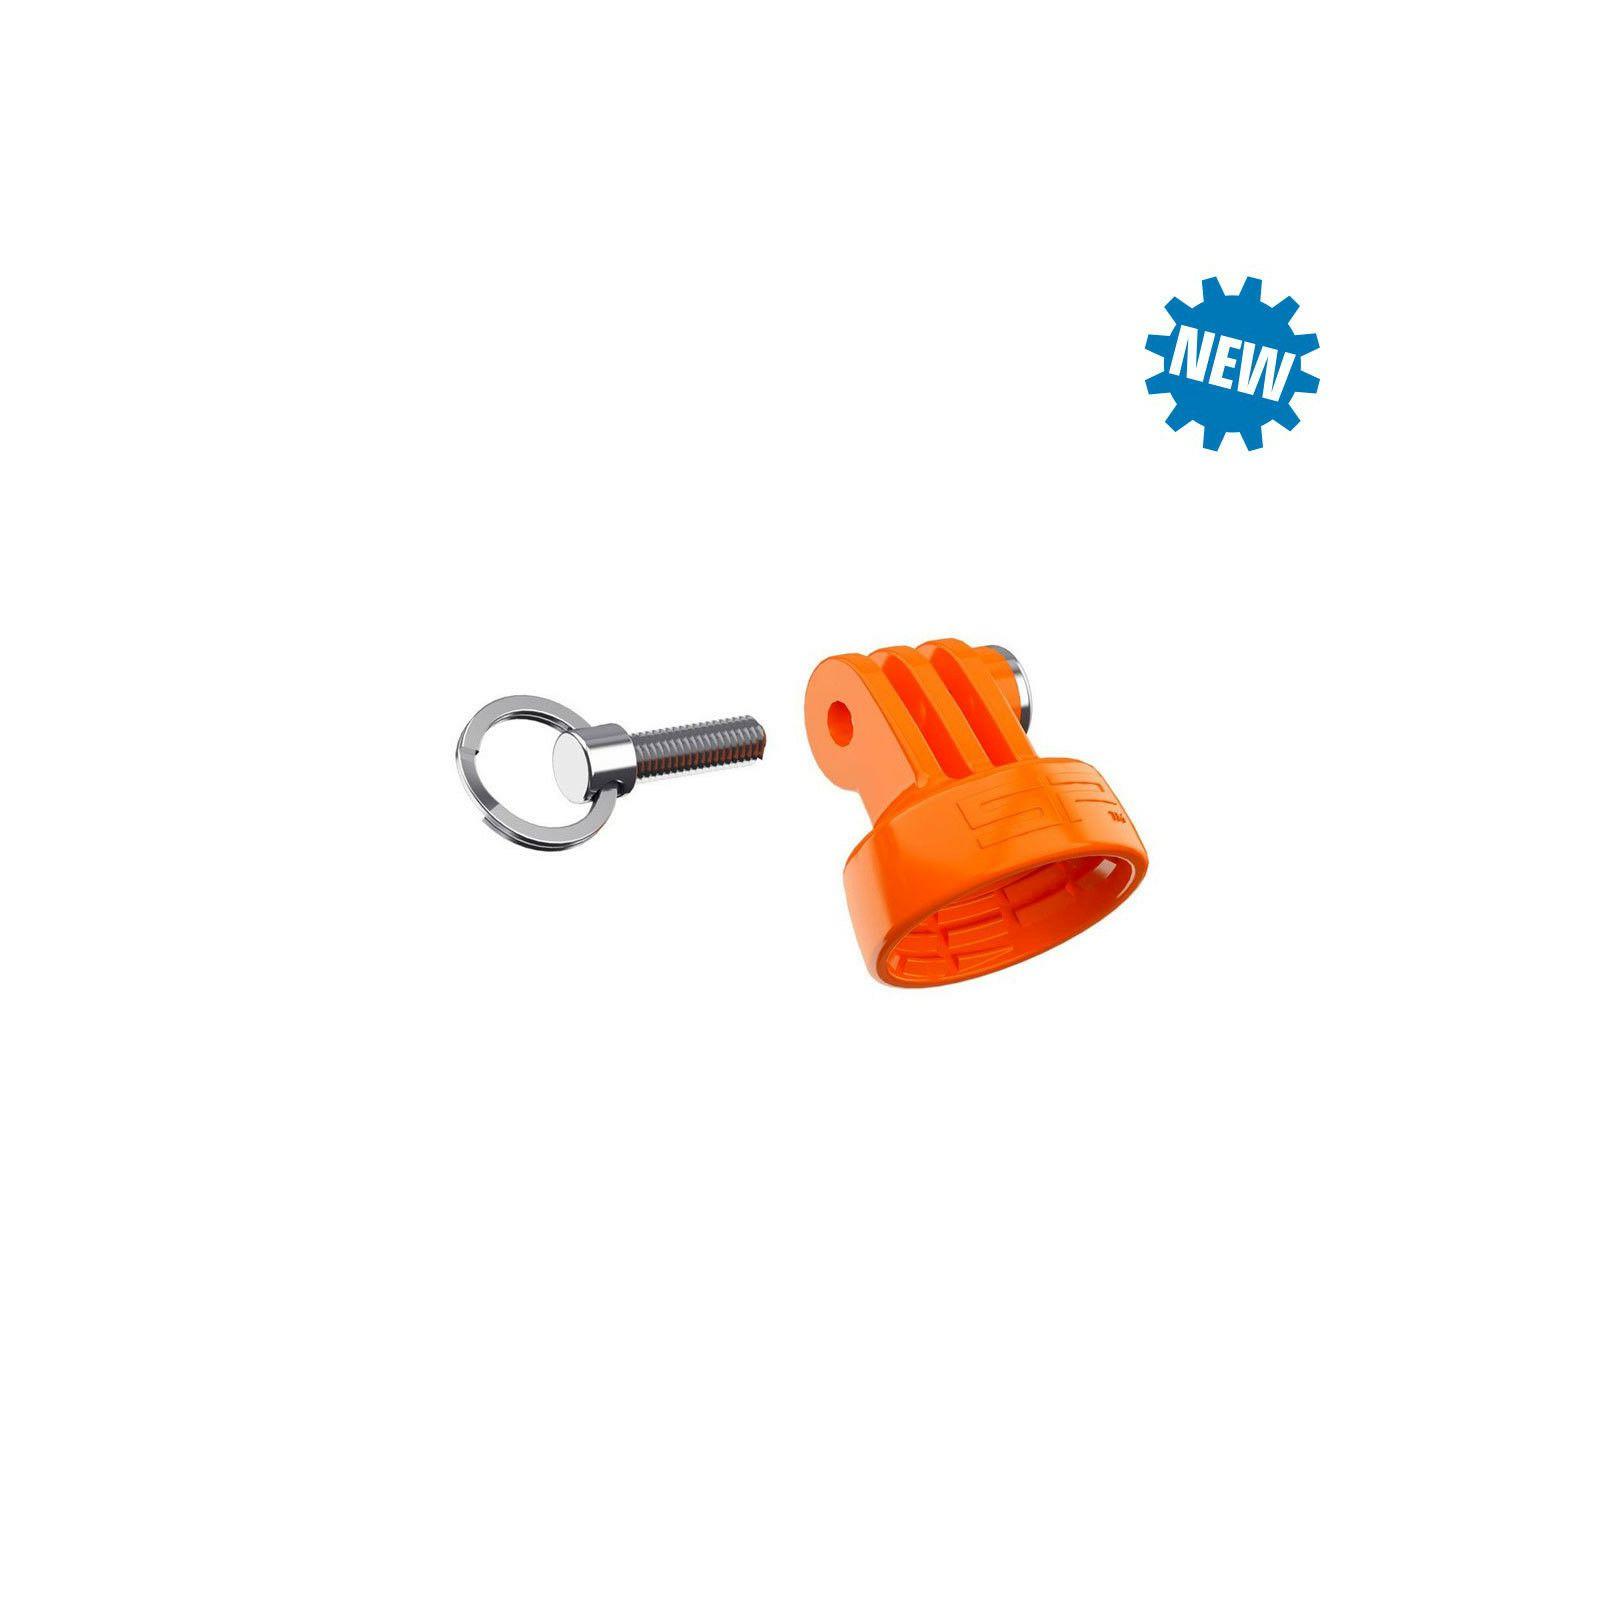 SP Gadgets SP BOTTLE MOUNT SKU 53166